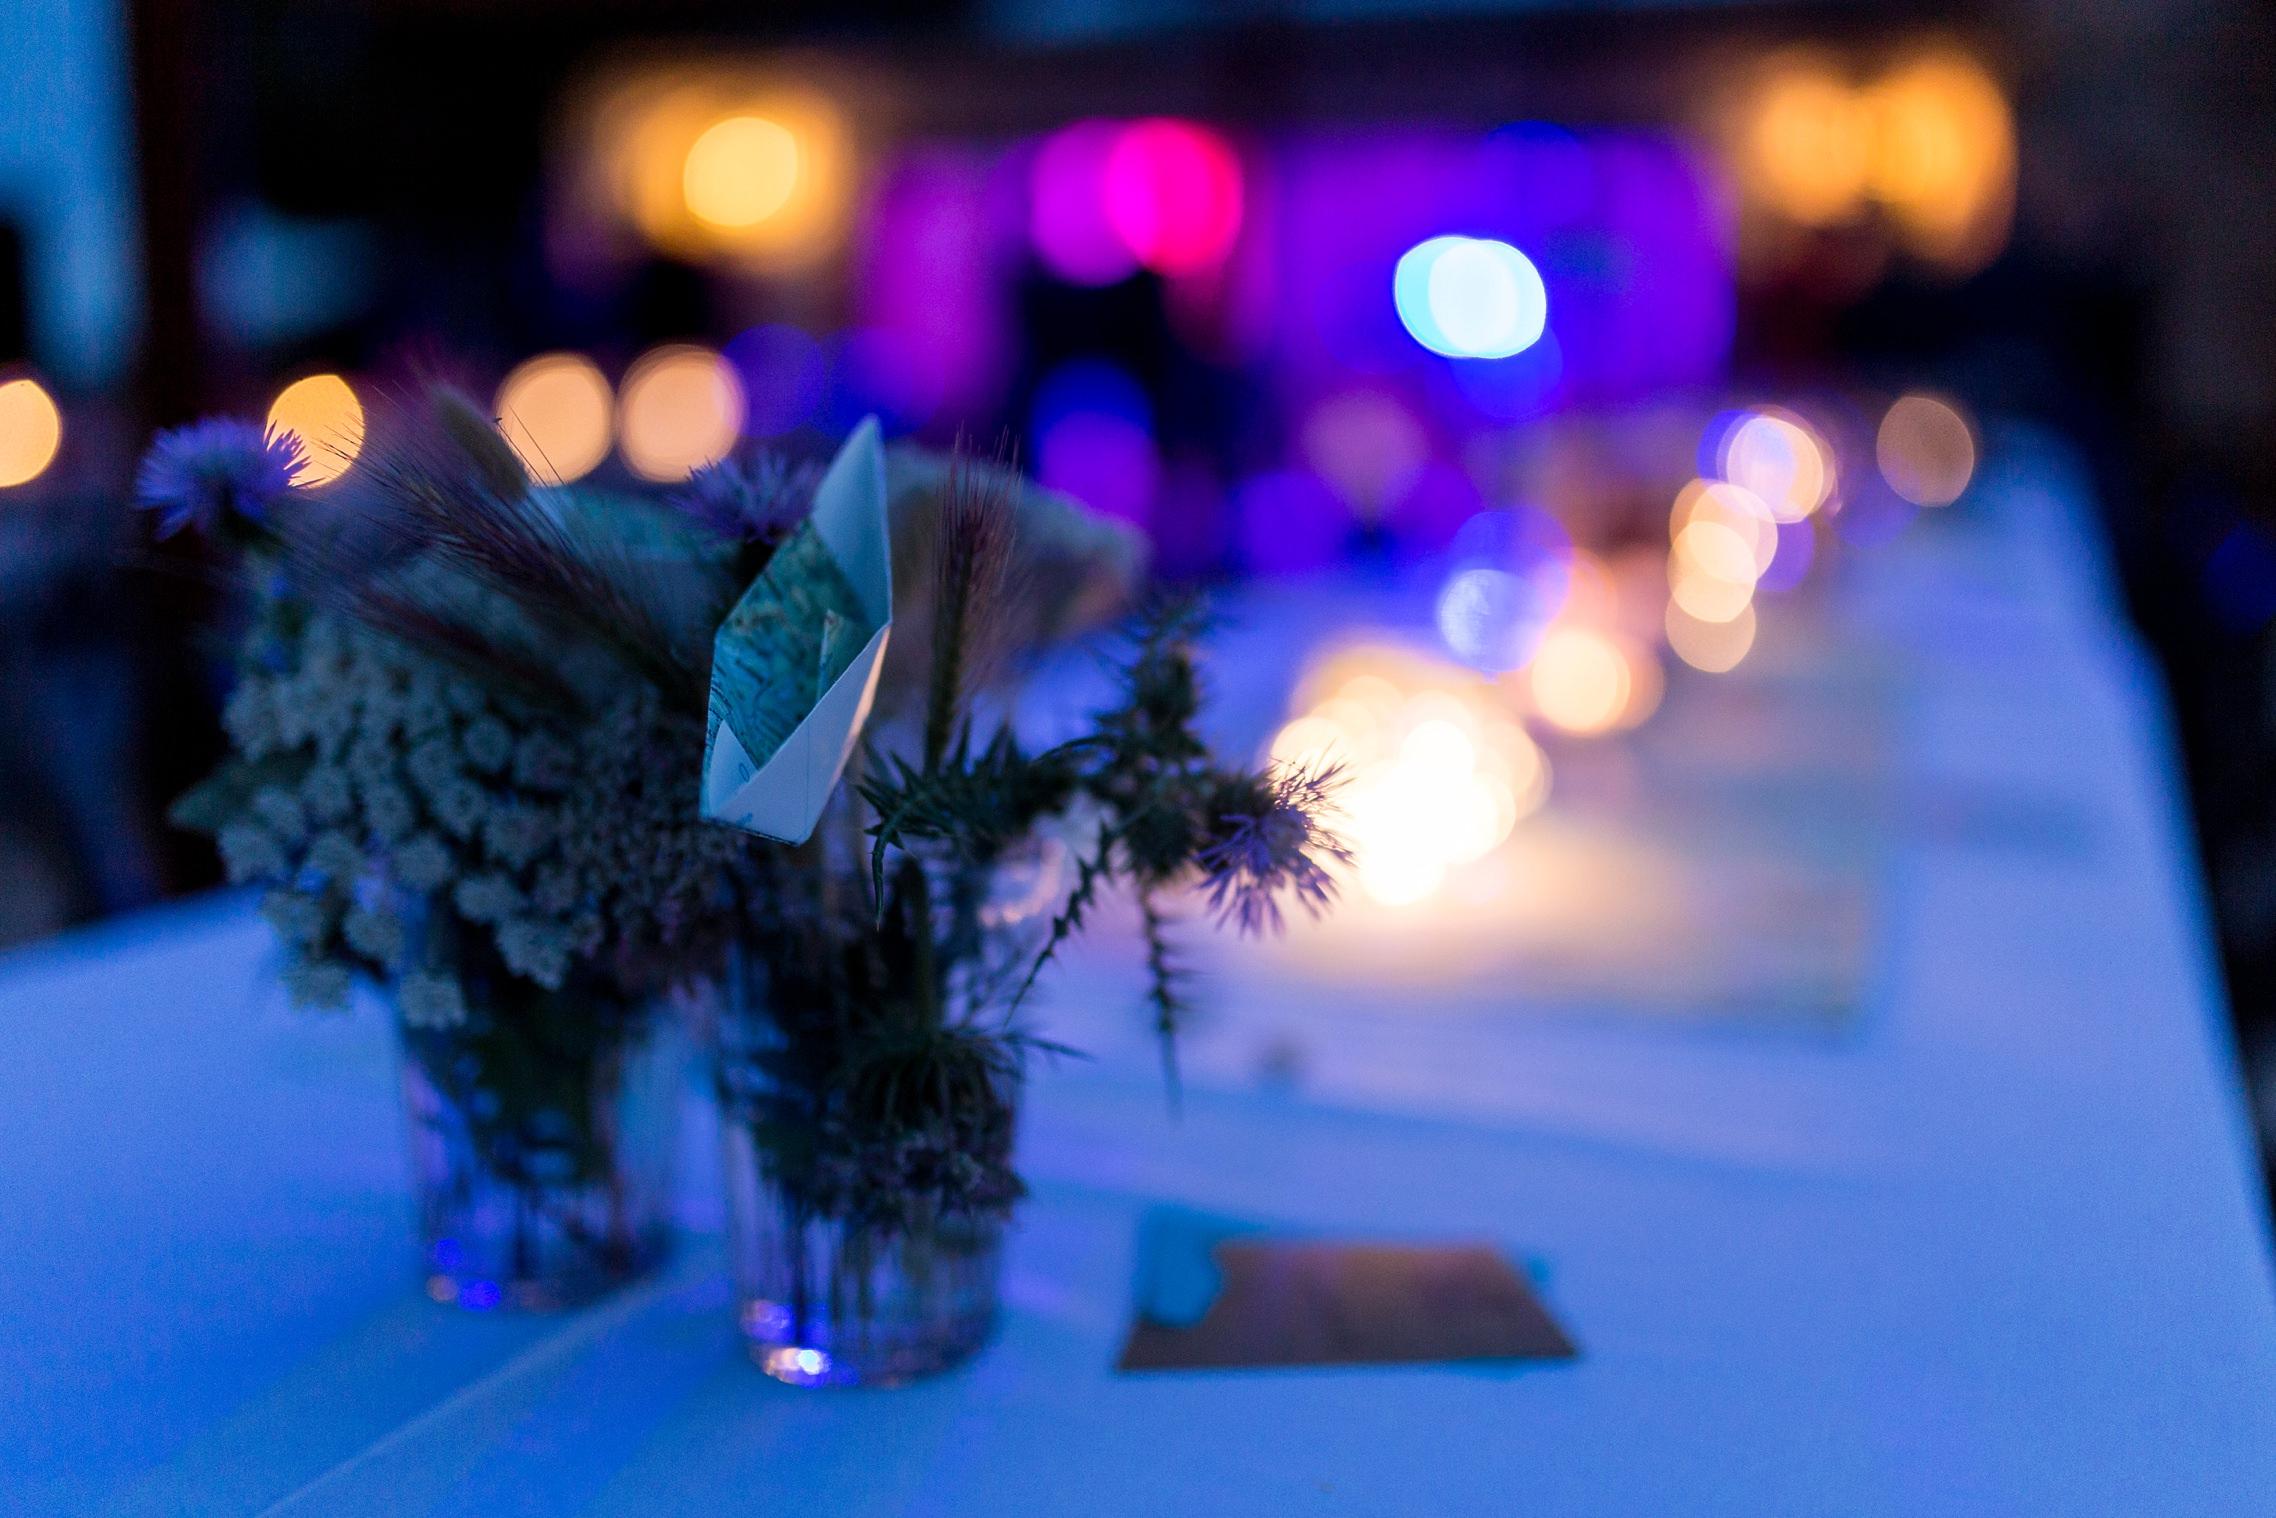 Stimmungsvolles Foto der Tischdeko bei Nacht mit bunten Lichtern im Hintergrund